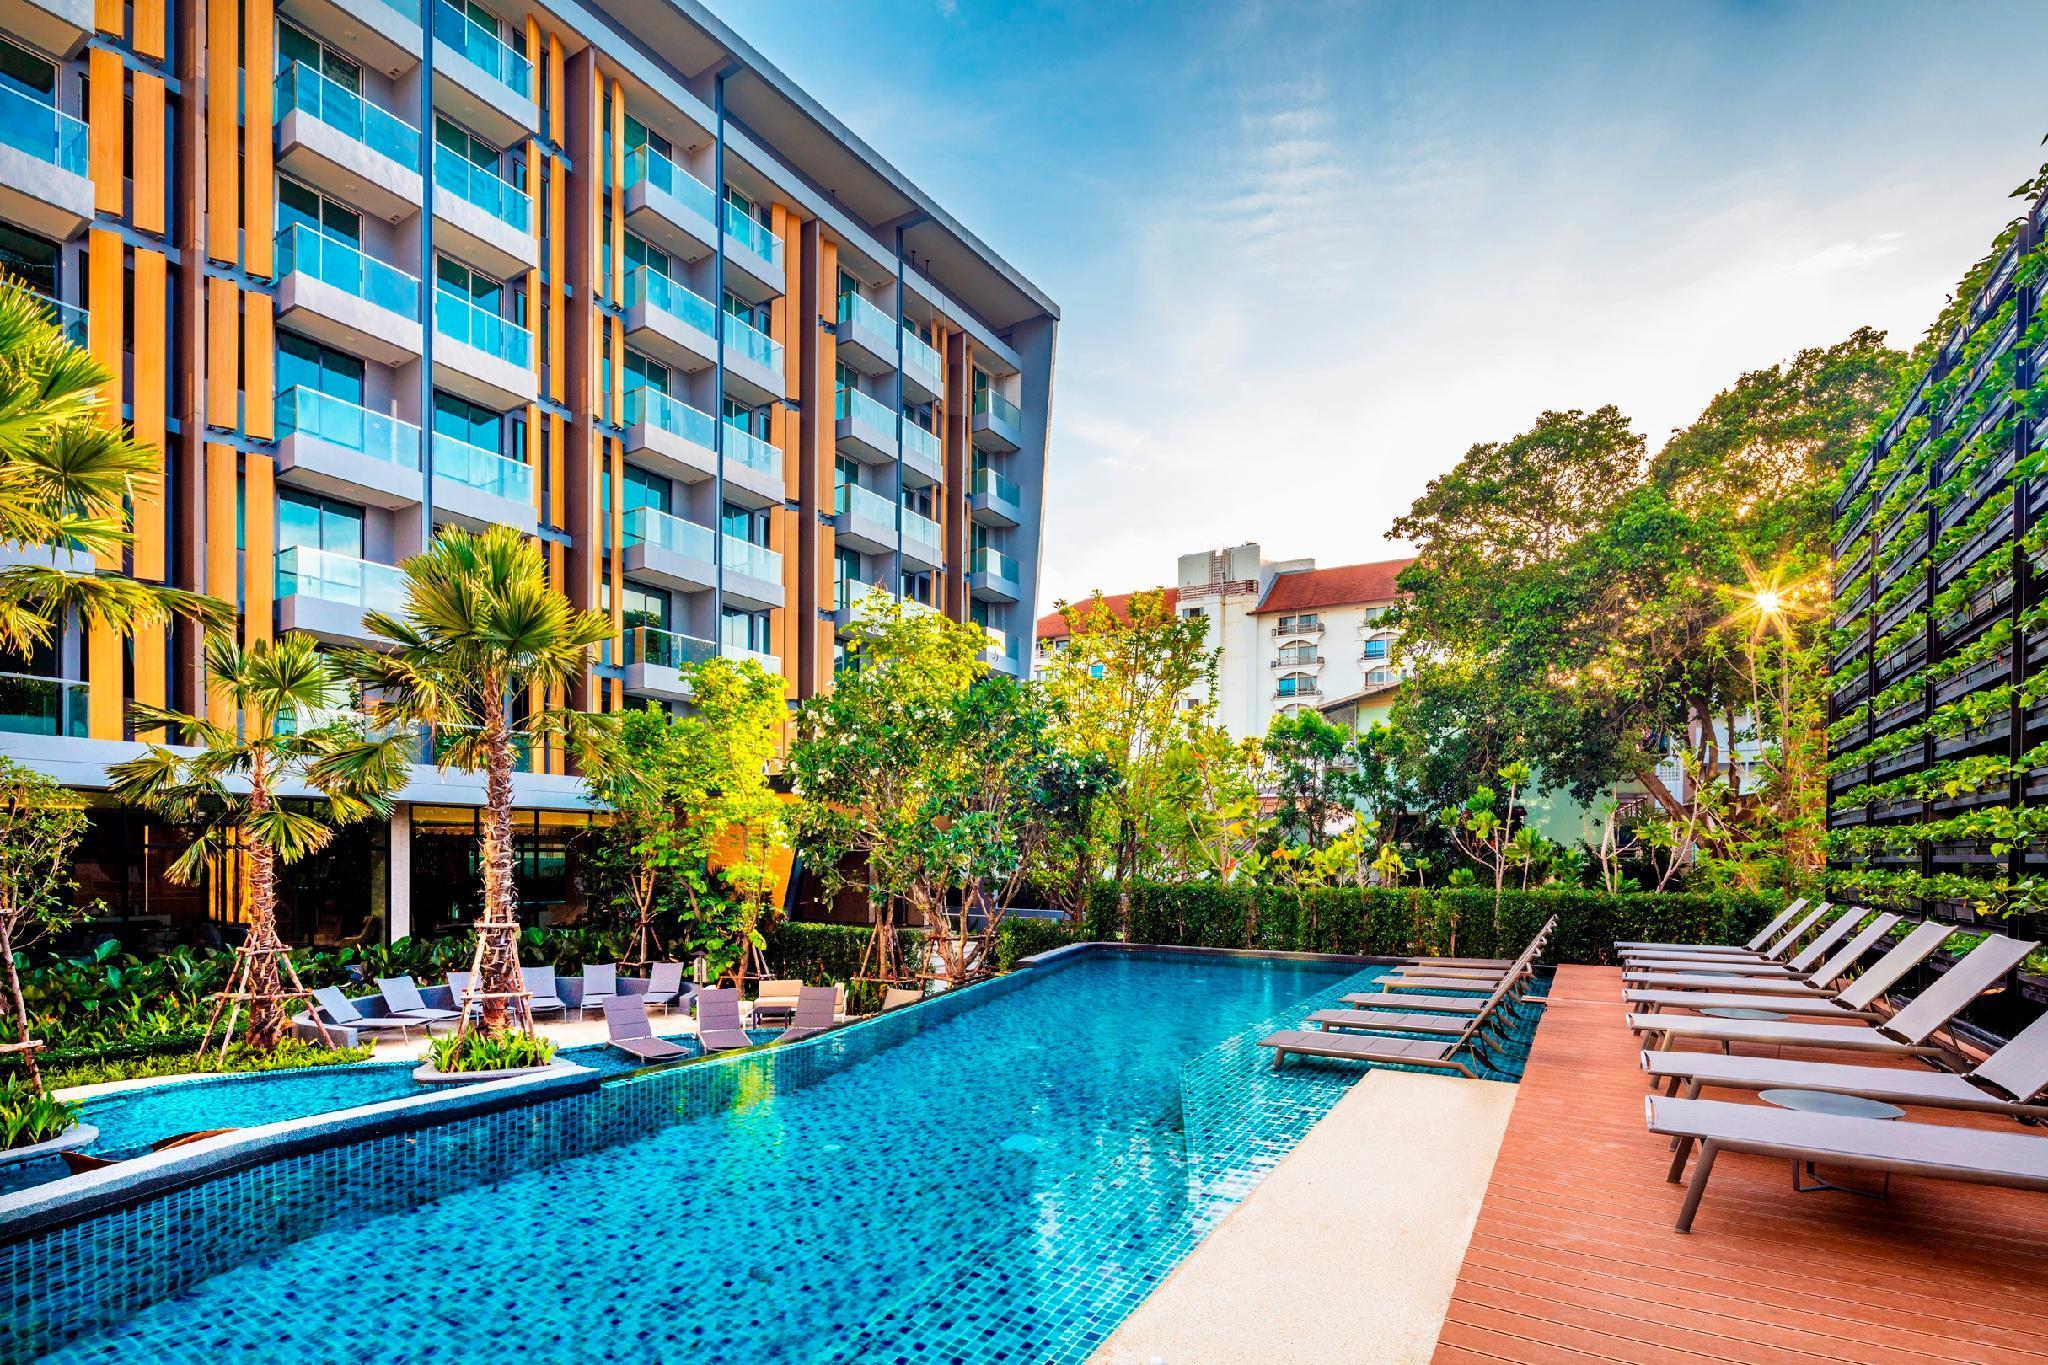 Hotel Amber Pattaya,Pattaya